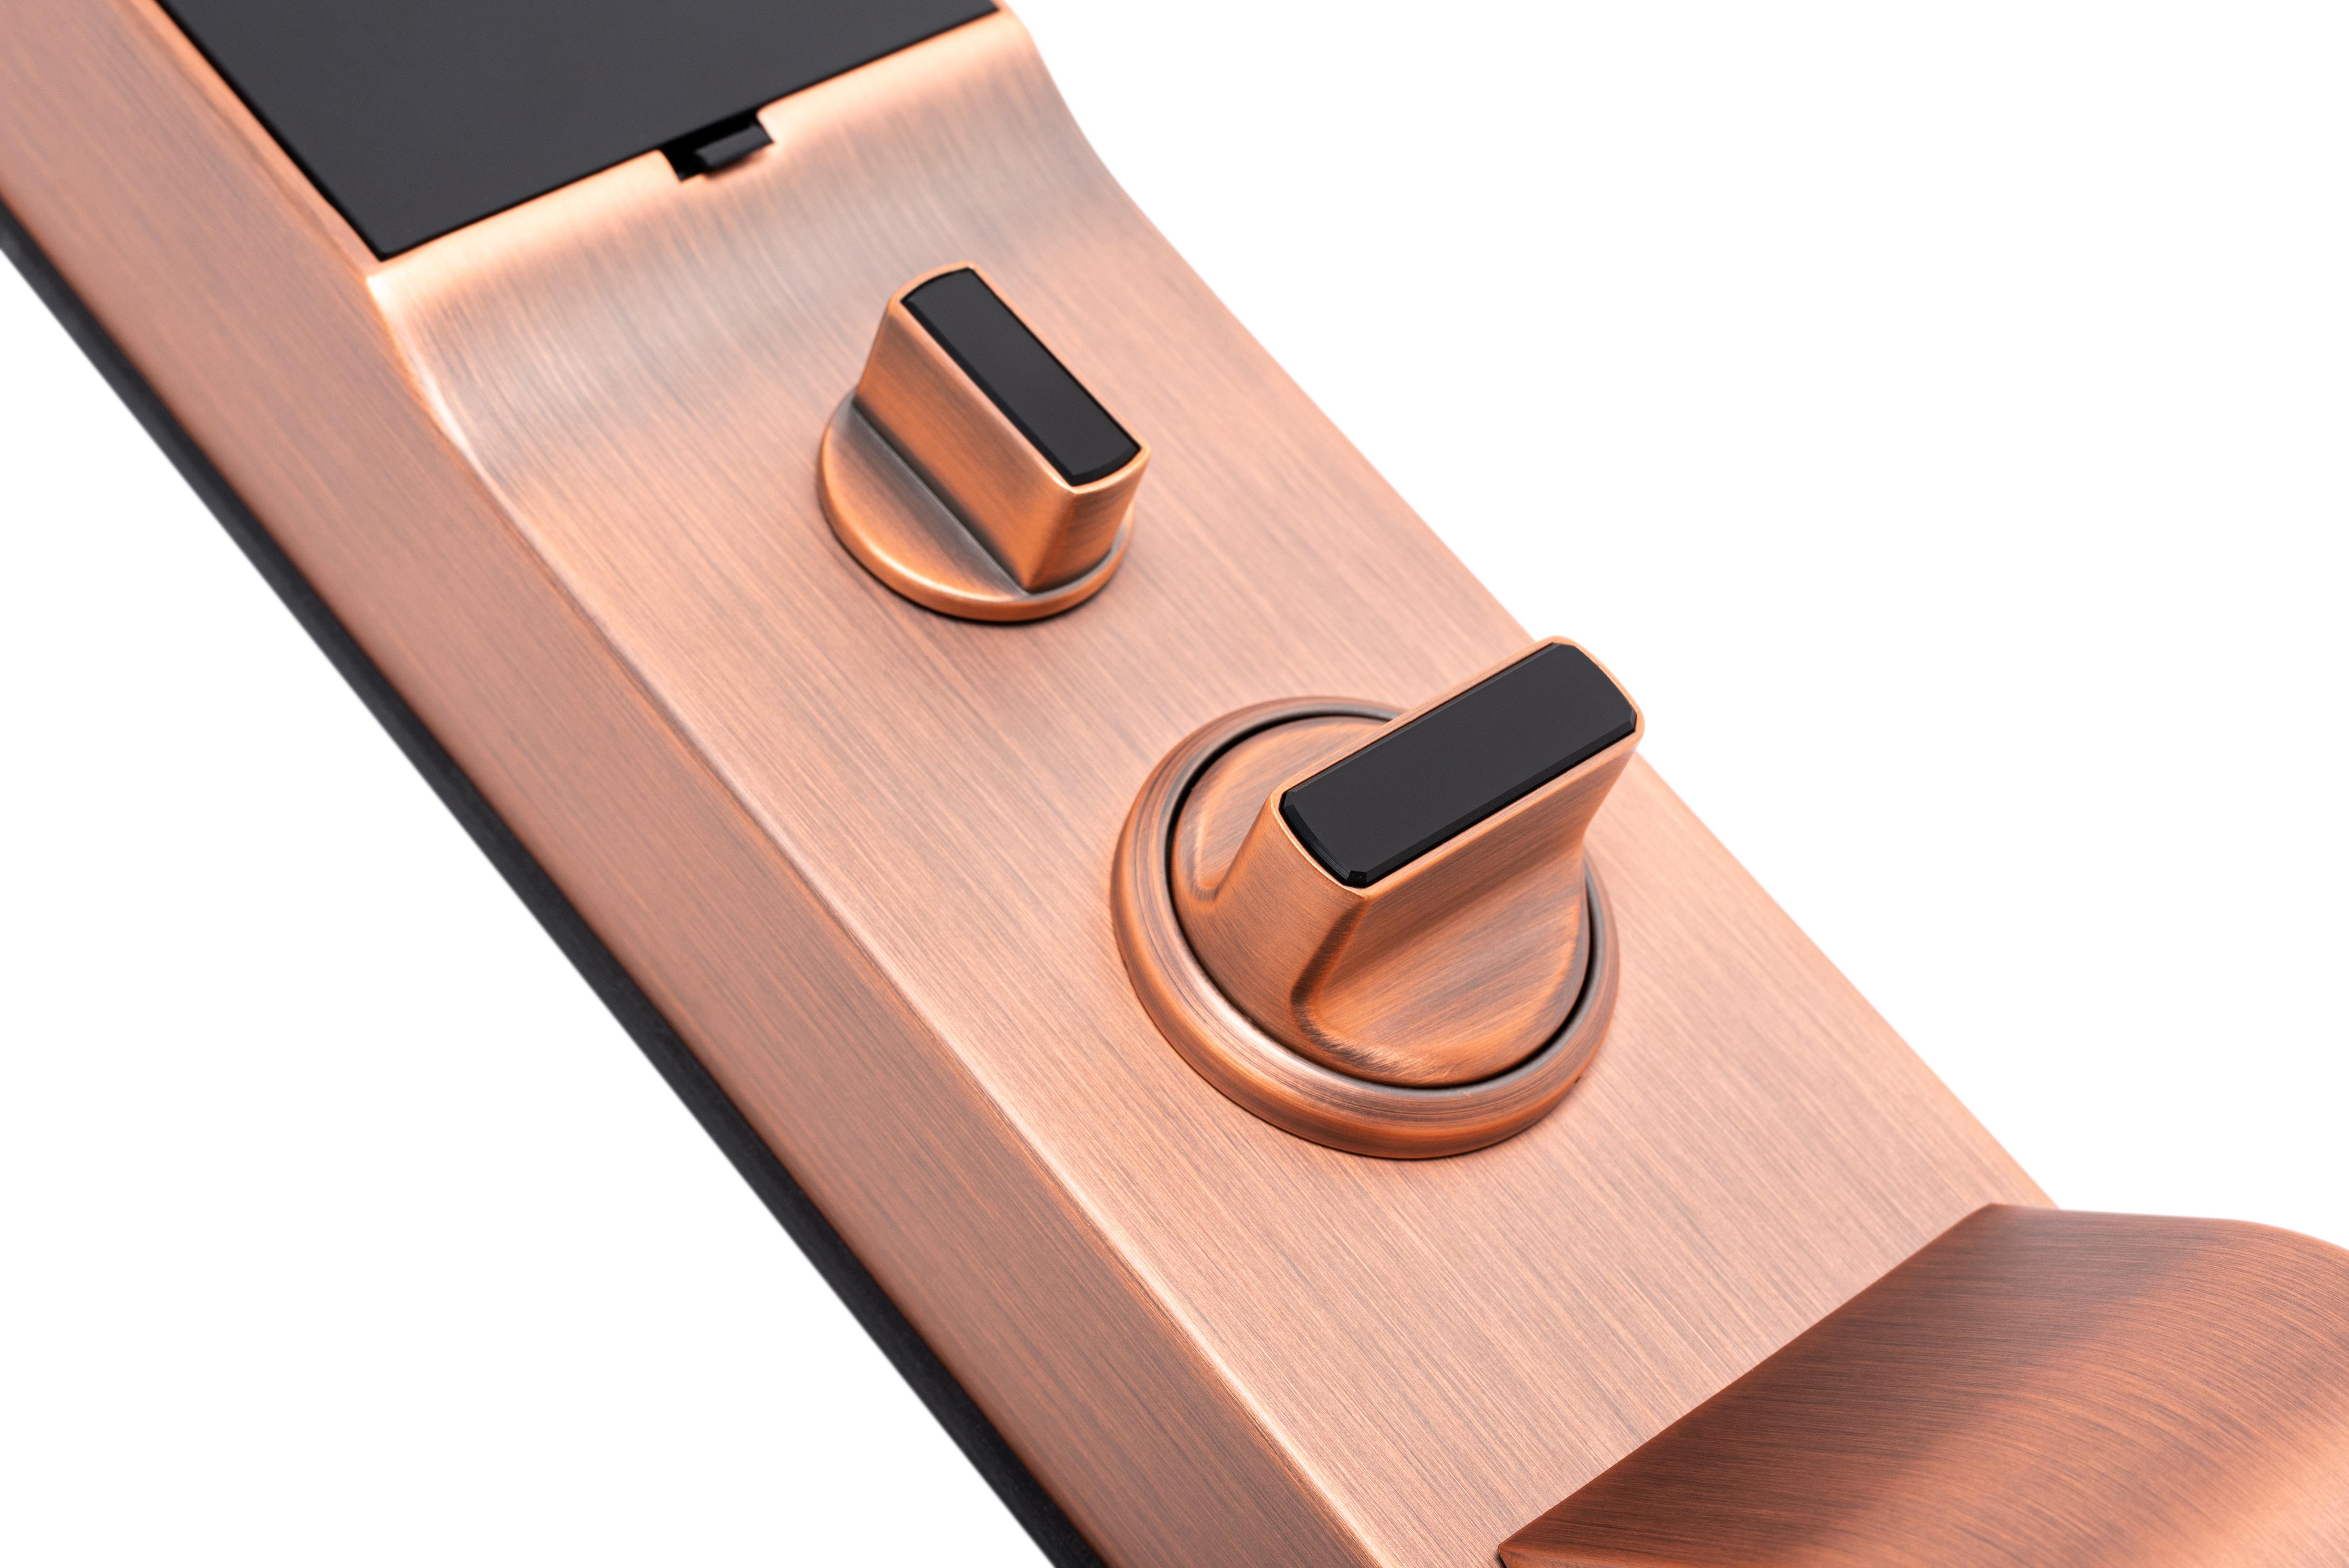 Khóa điện tử, vân tay Makoto dòng khóa Shogun A - màu đồng